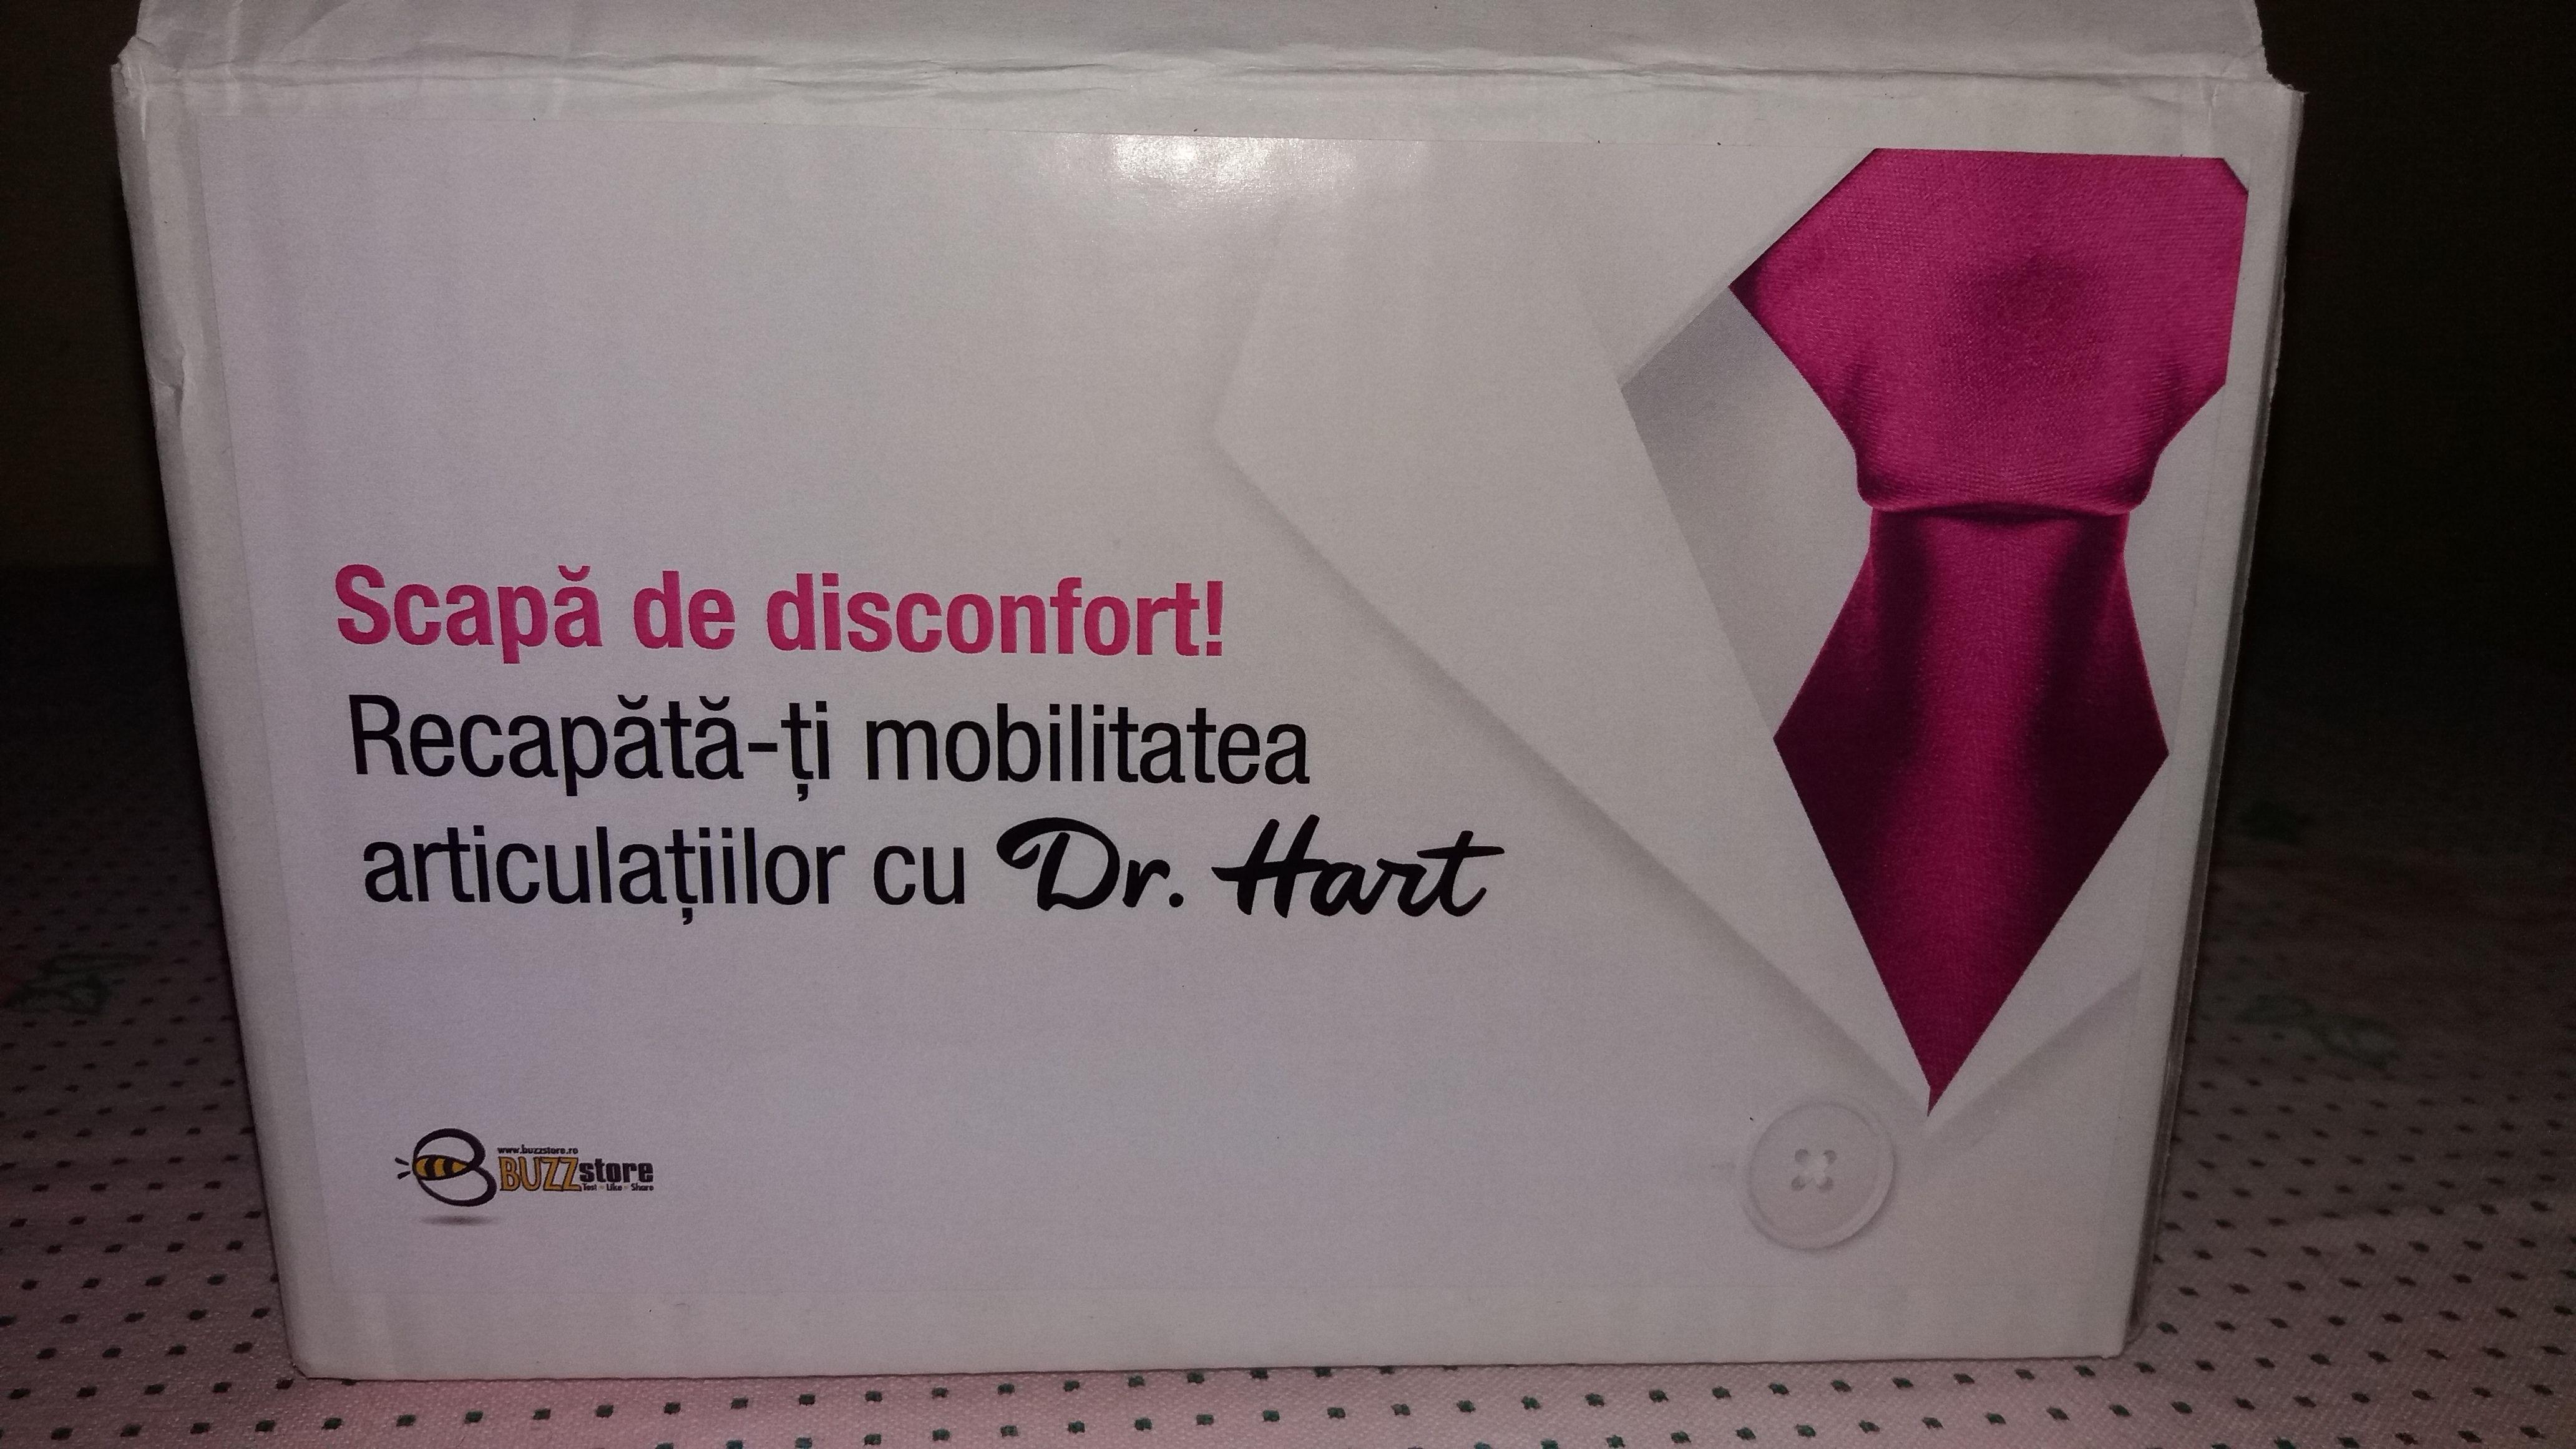 DR HART Crema Calmanta pt Articulatii* ml Dr. Hart